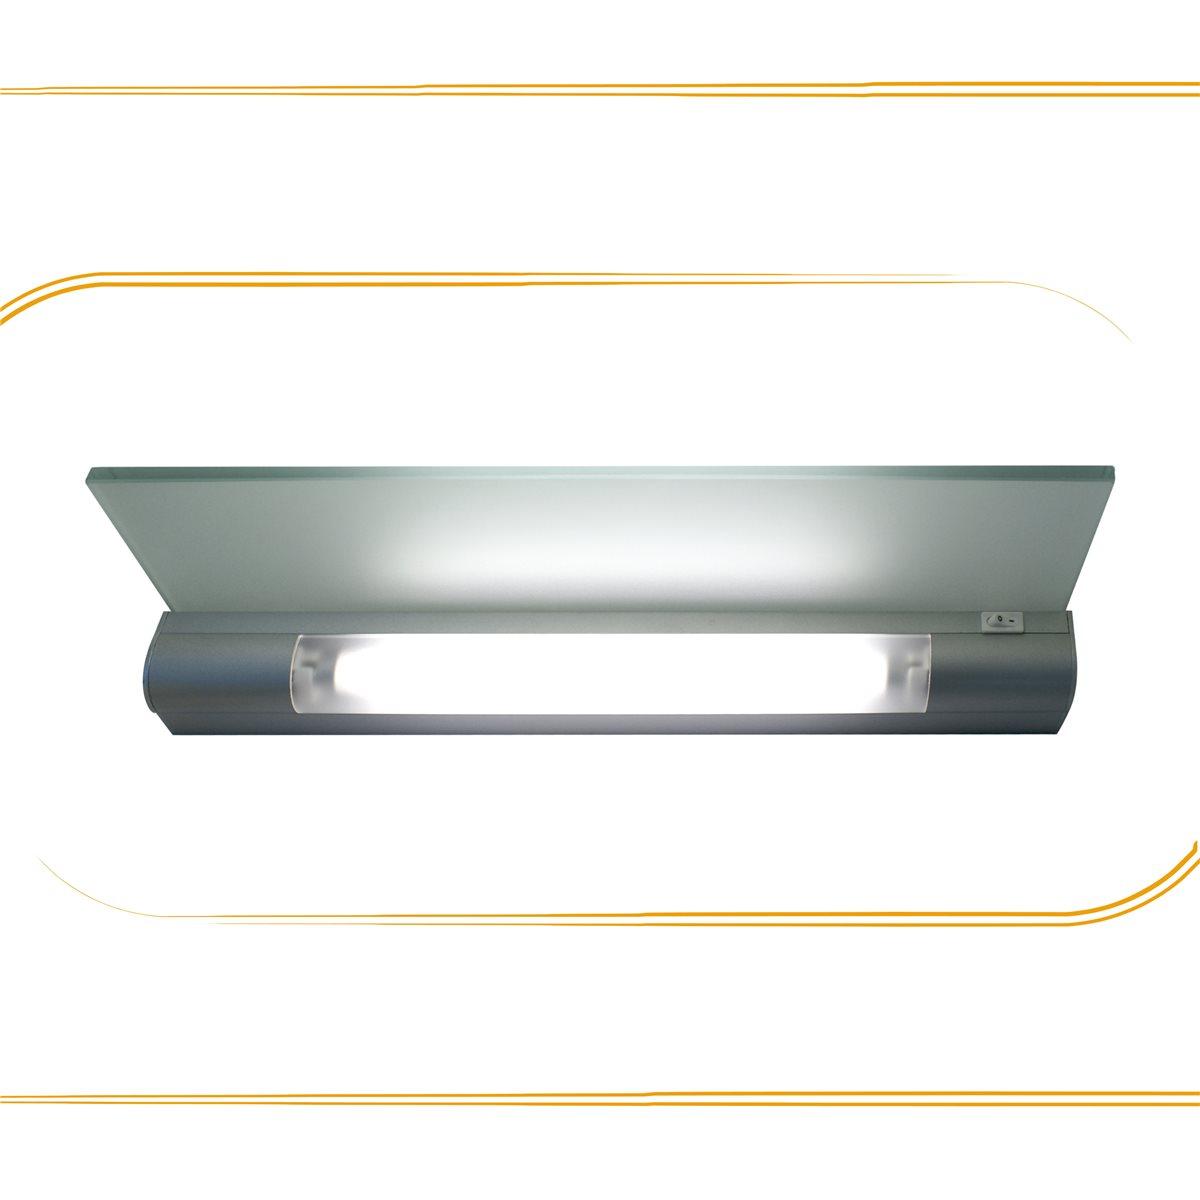 Lampenlux Wandlampe Puna Unterbauleuchte Glas Schalter Silber Badleuchte Bilderlampe T5 Wandleuchte